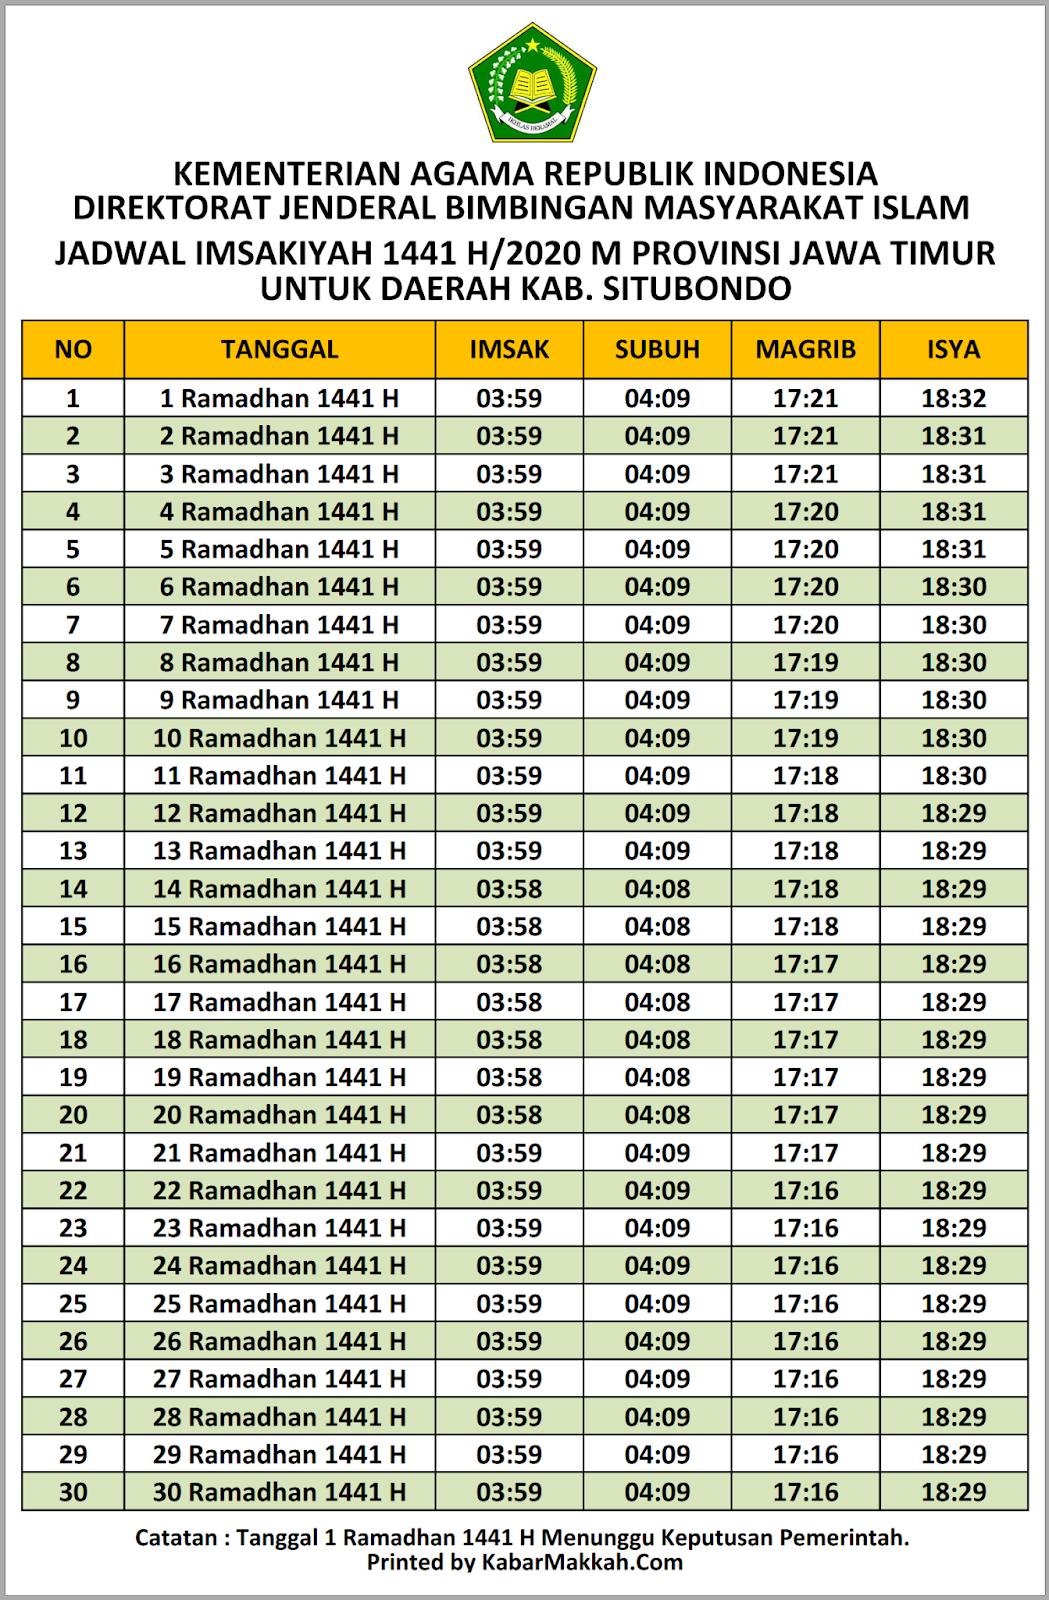 Jadwal Imsakiyah Situbondo 2020